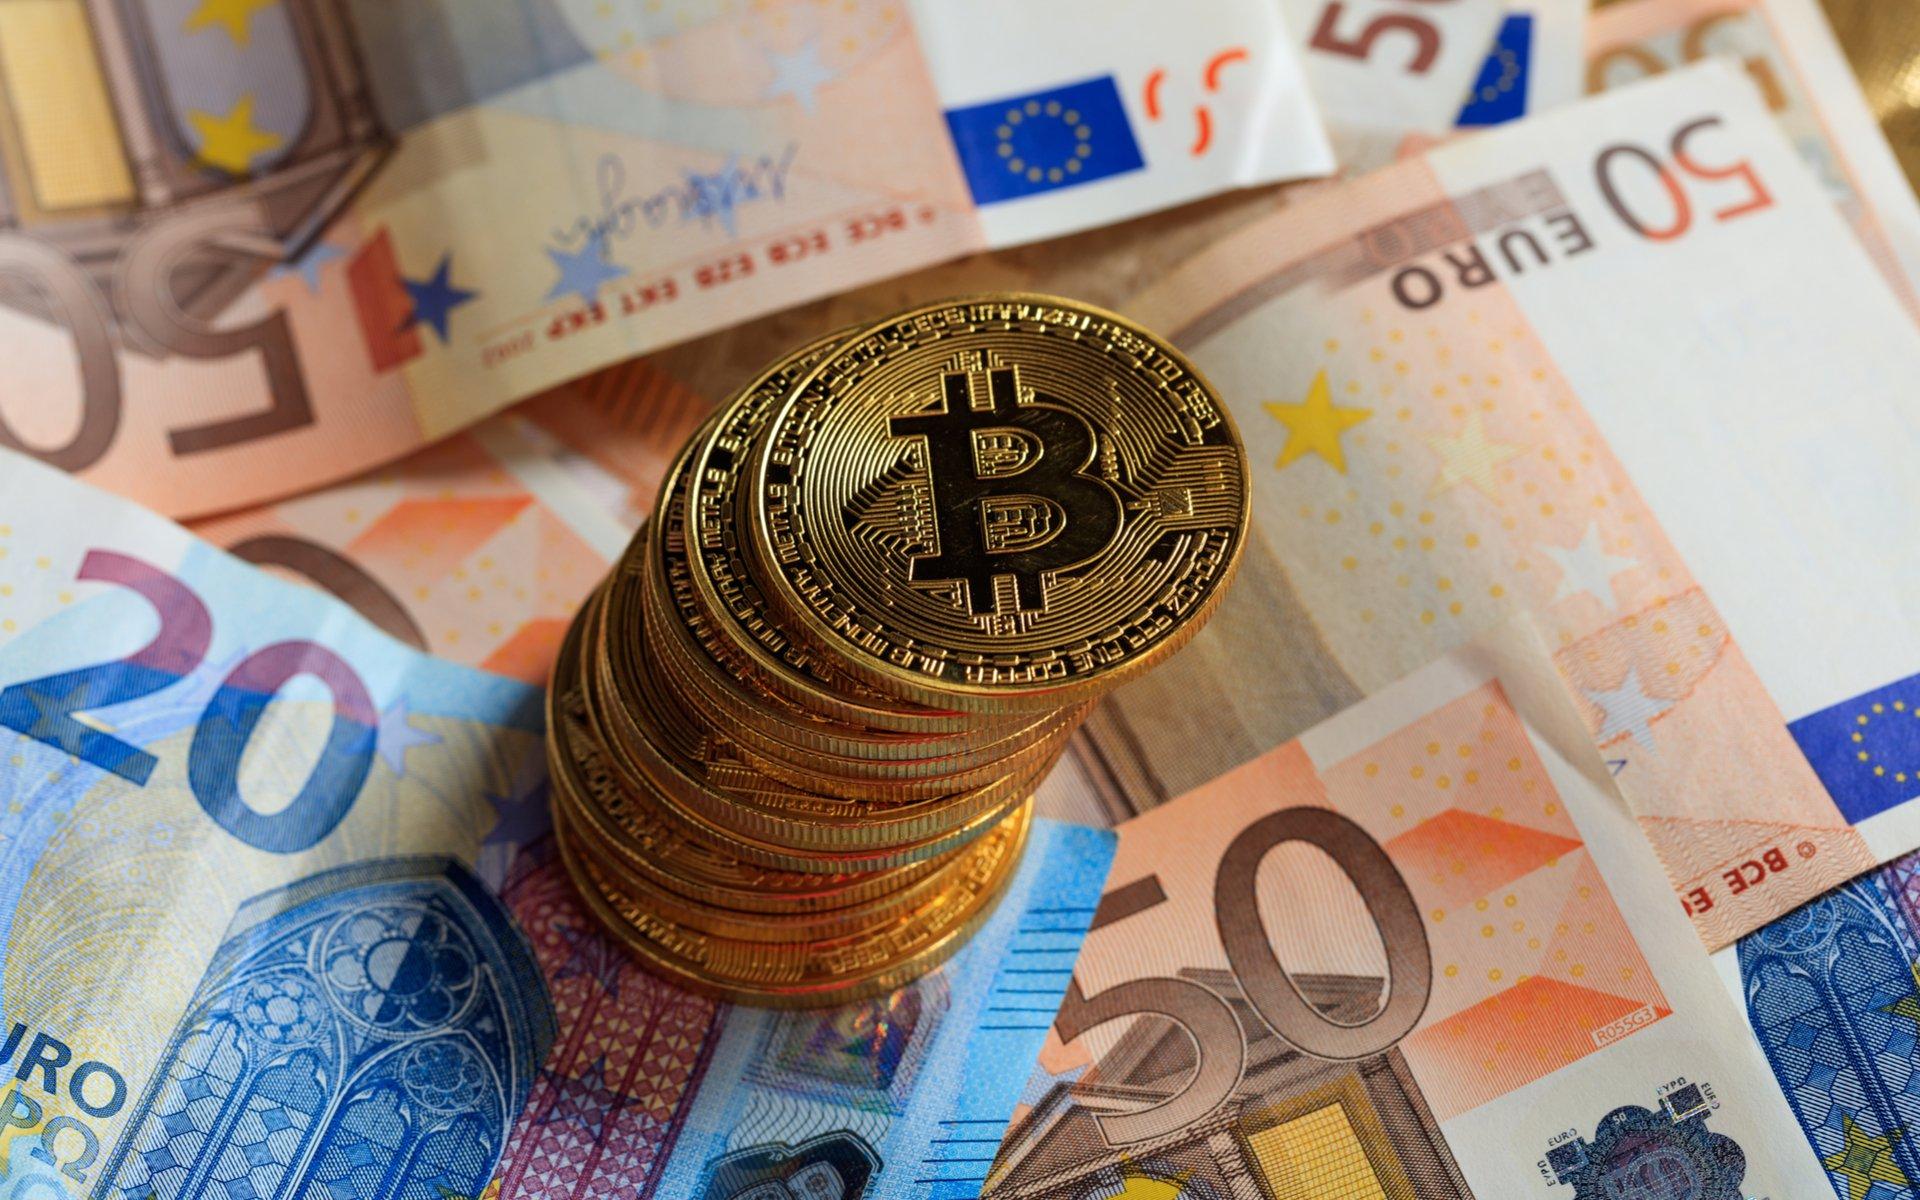 ビットコインを預けて年利6%をもらう方法|仮想通貨(暗号資産)レンディングおすすめ4選 | ポインの仮想通貨(暗号資産)ハマってます!!